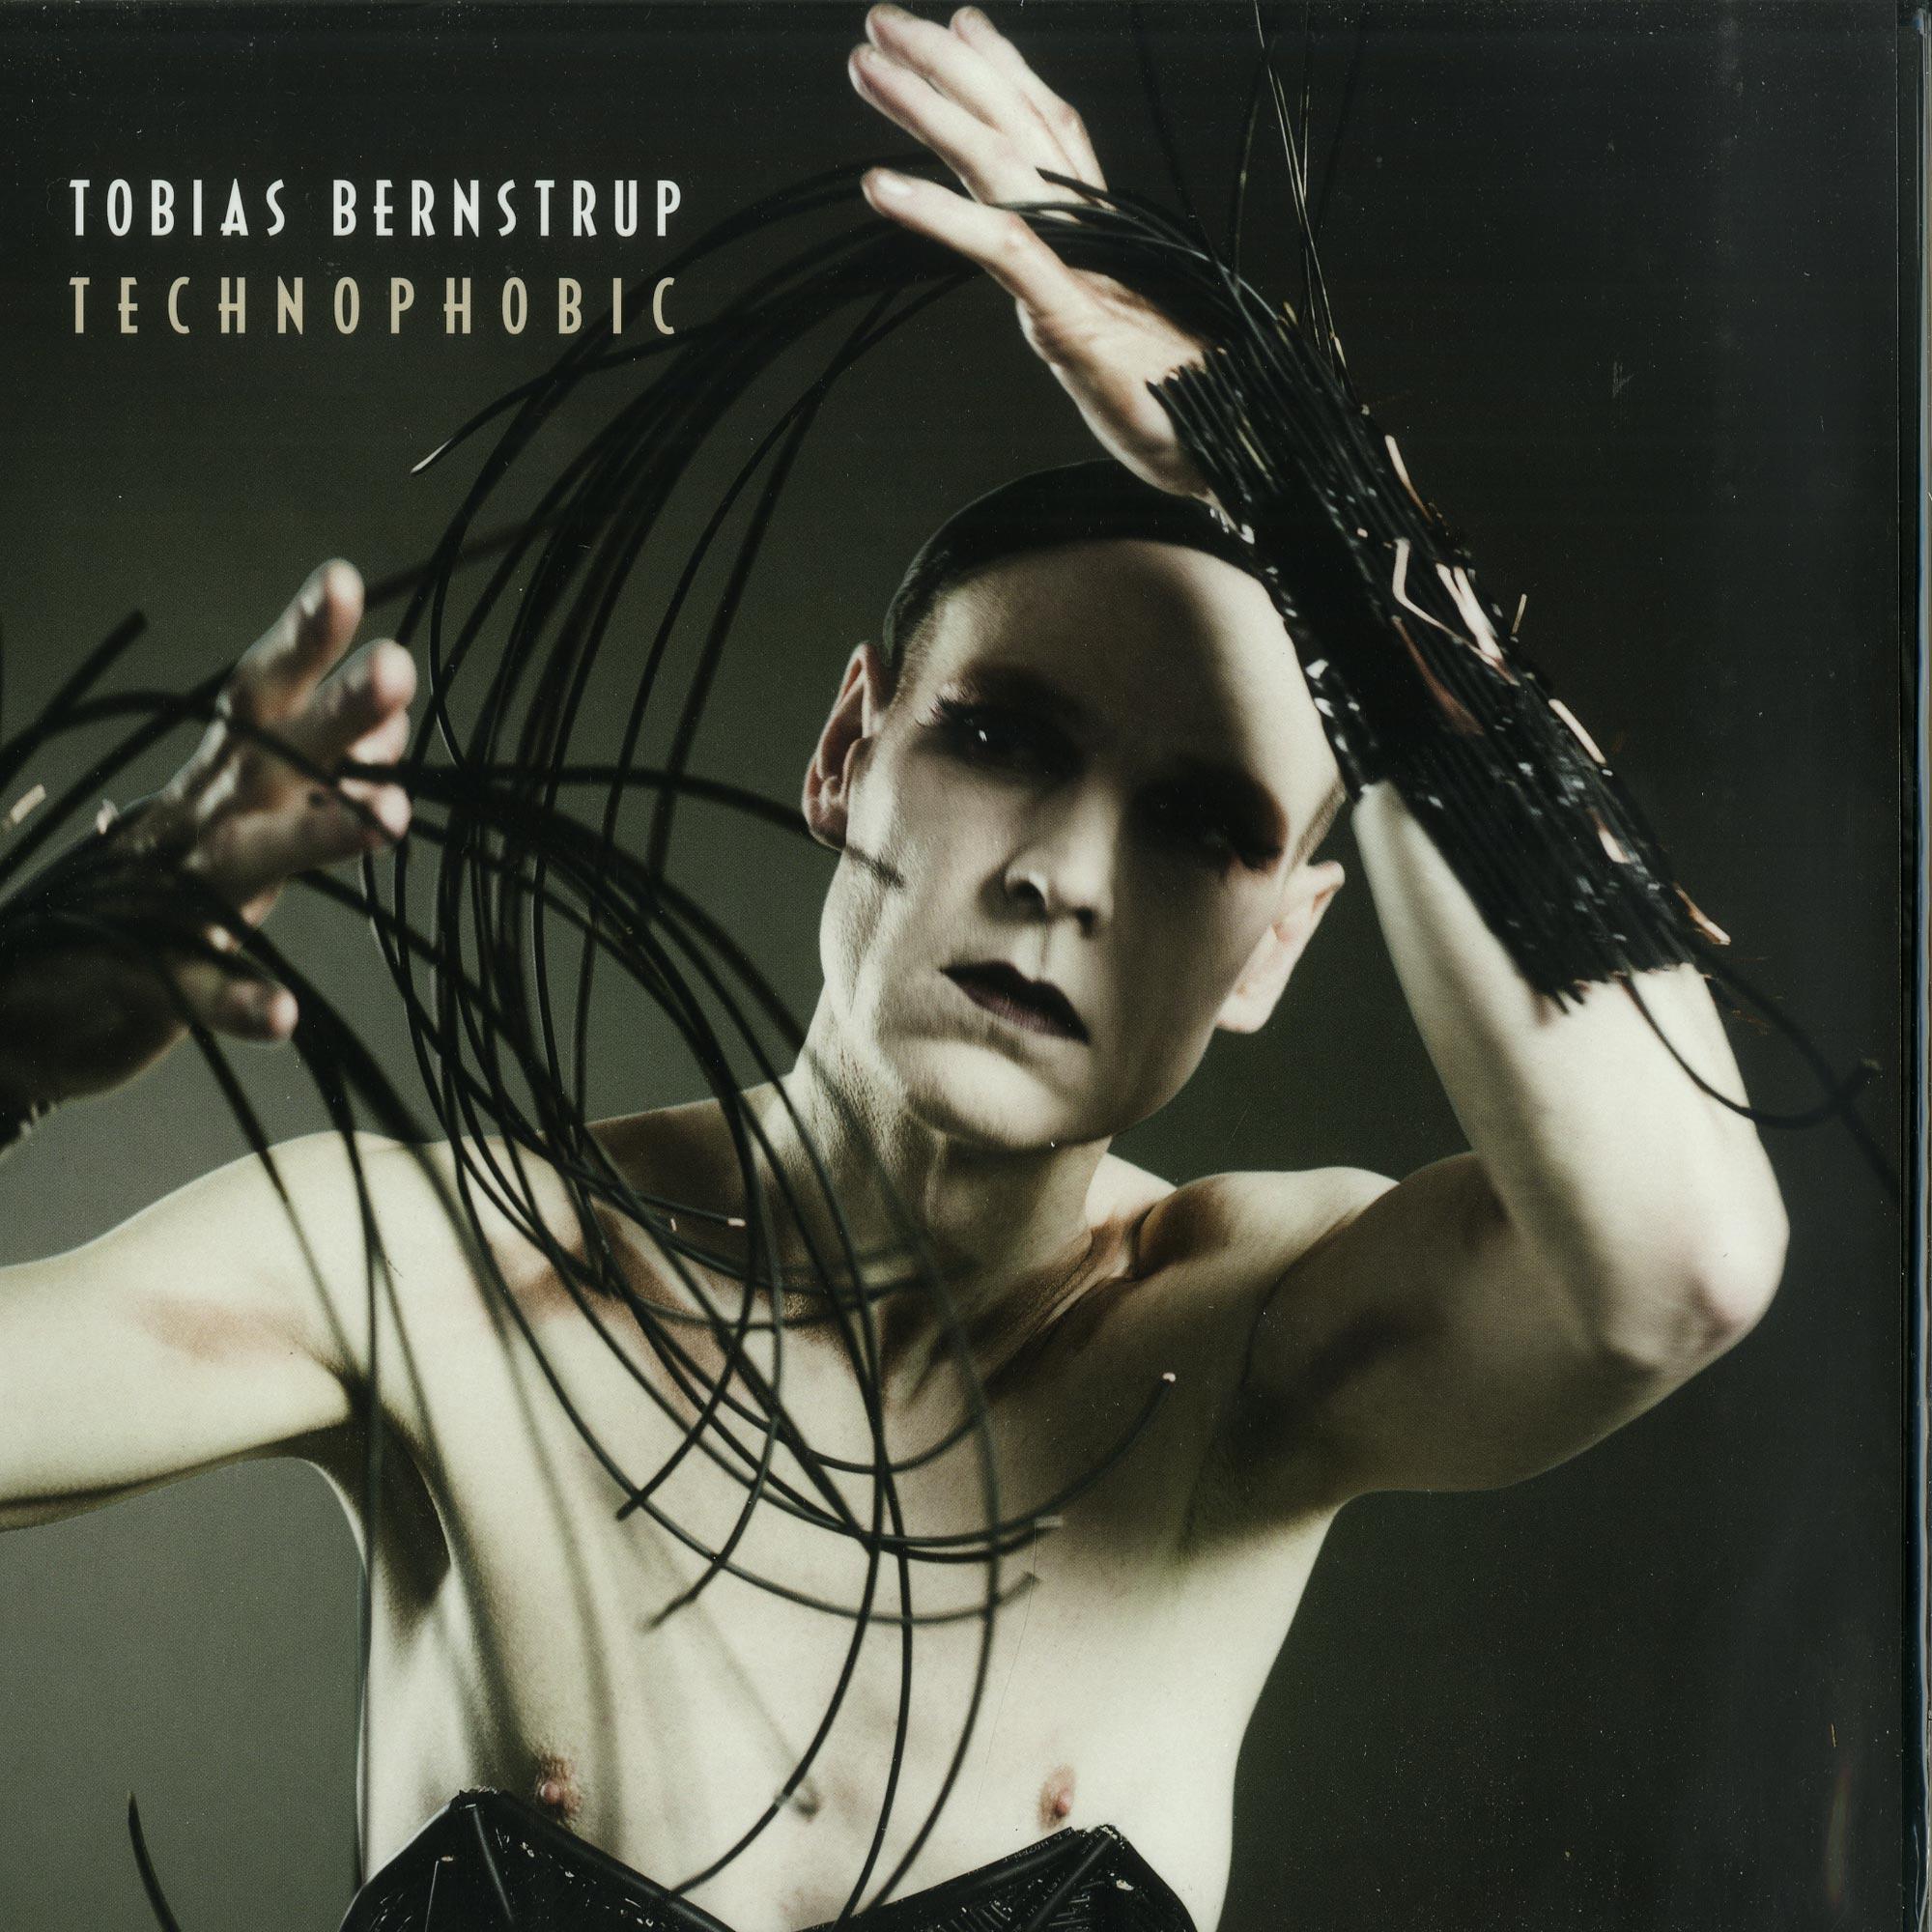 Tobias Bernstrup - TECHNOPHOBIC LP